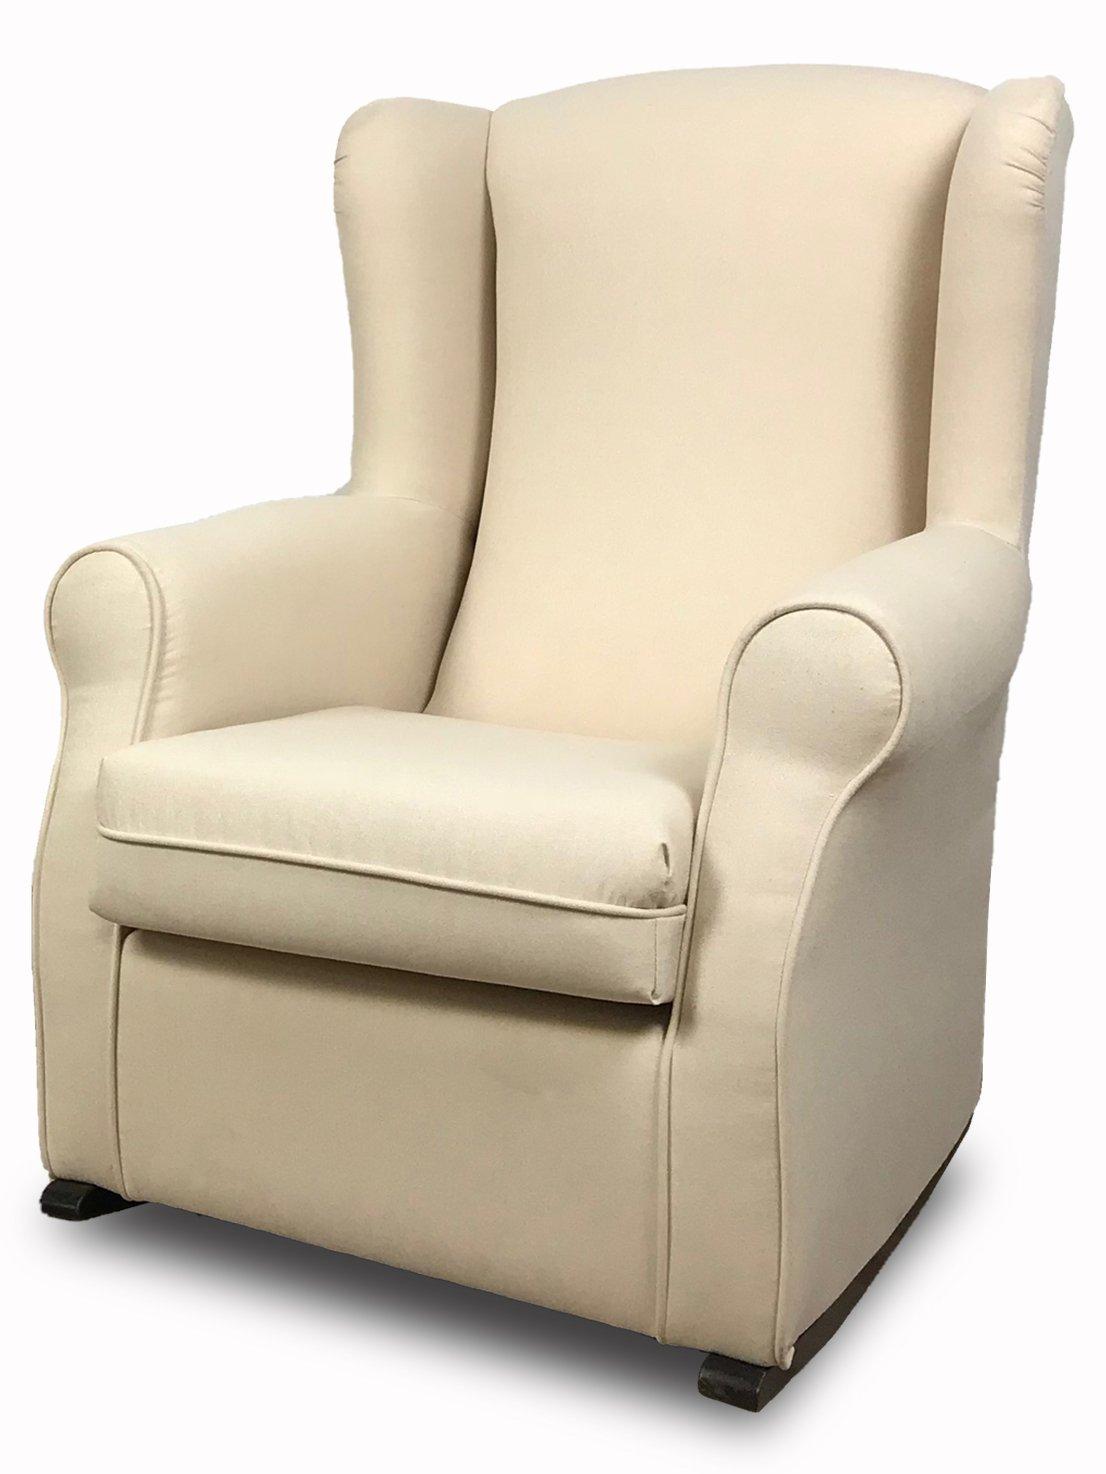 Ikea butacas y sillones fabulous silln tullsta de ikea for Sillones baratos nuevos